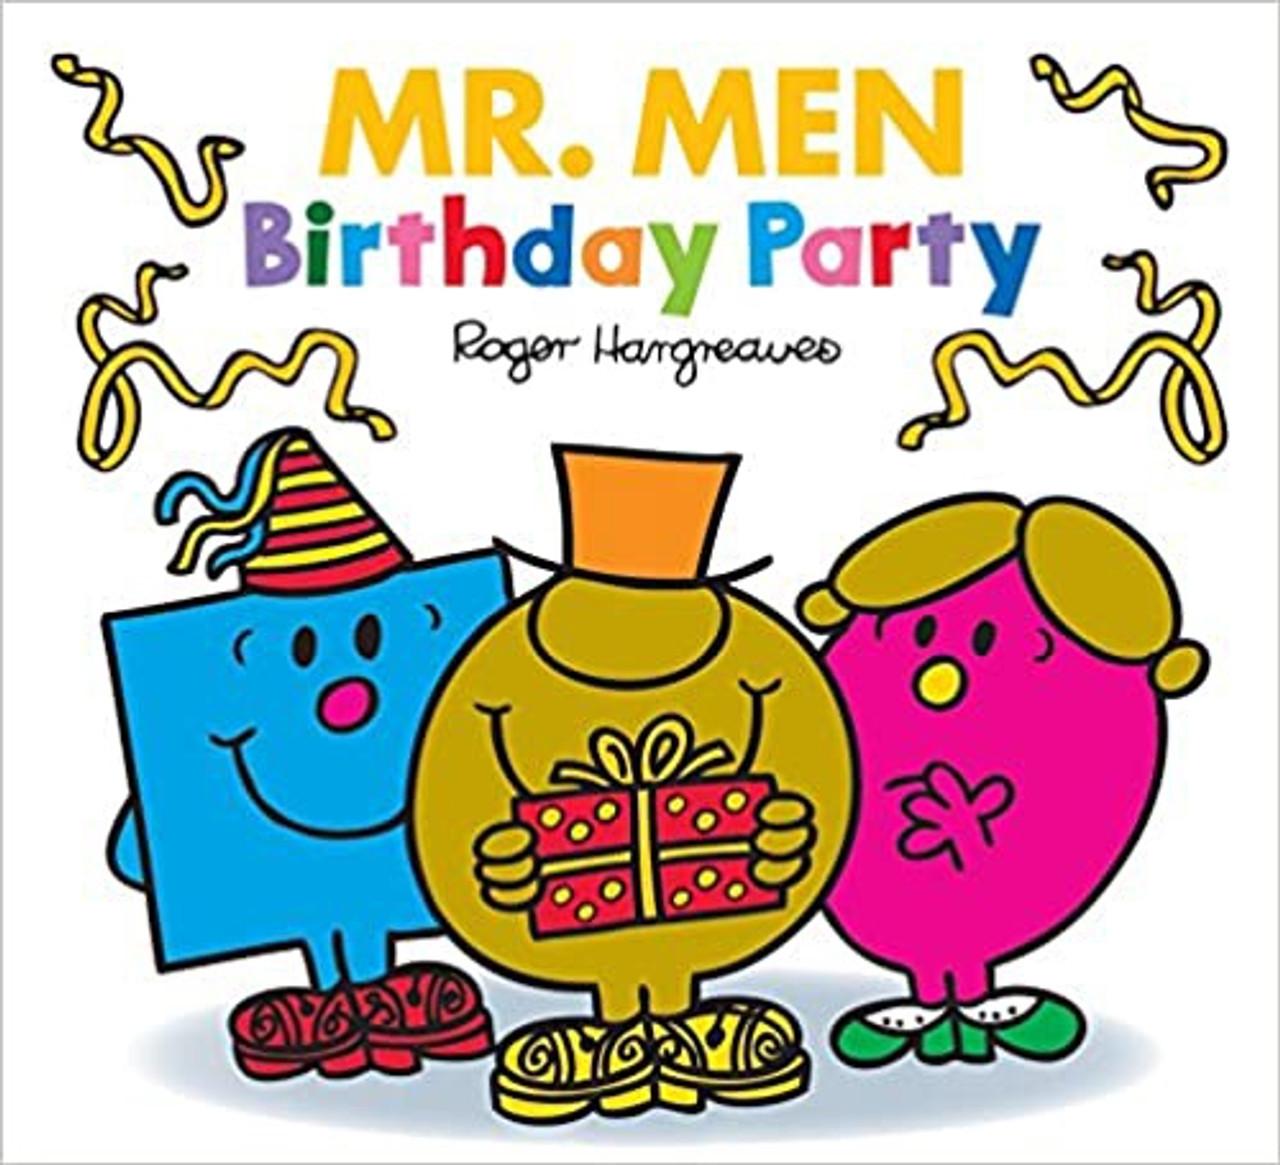 MR MEN BIRTHDAY PARTY PB